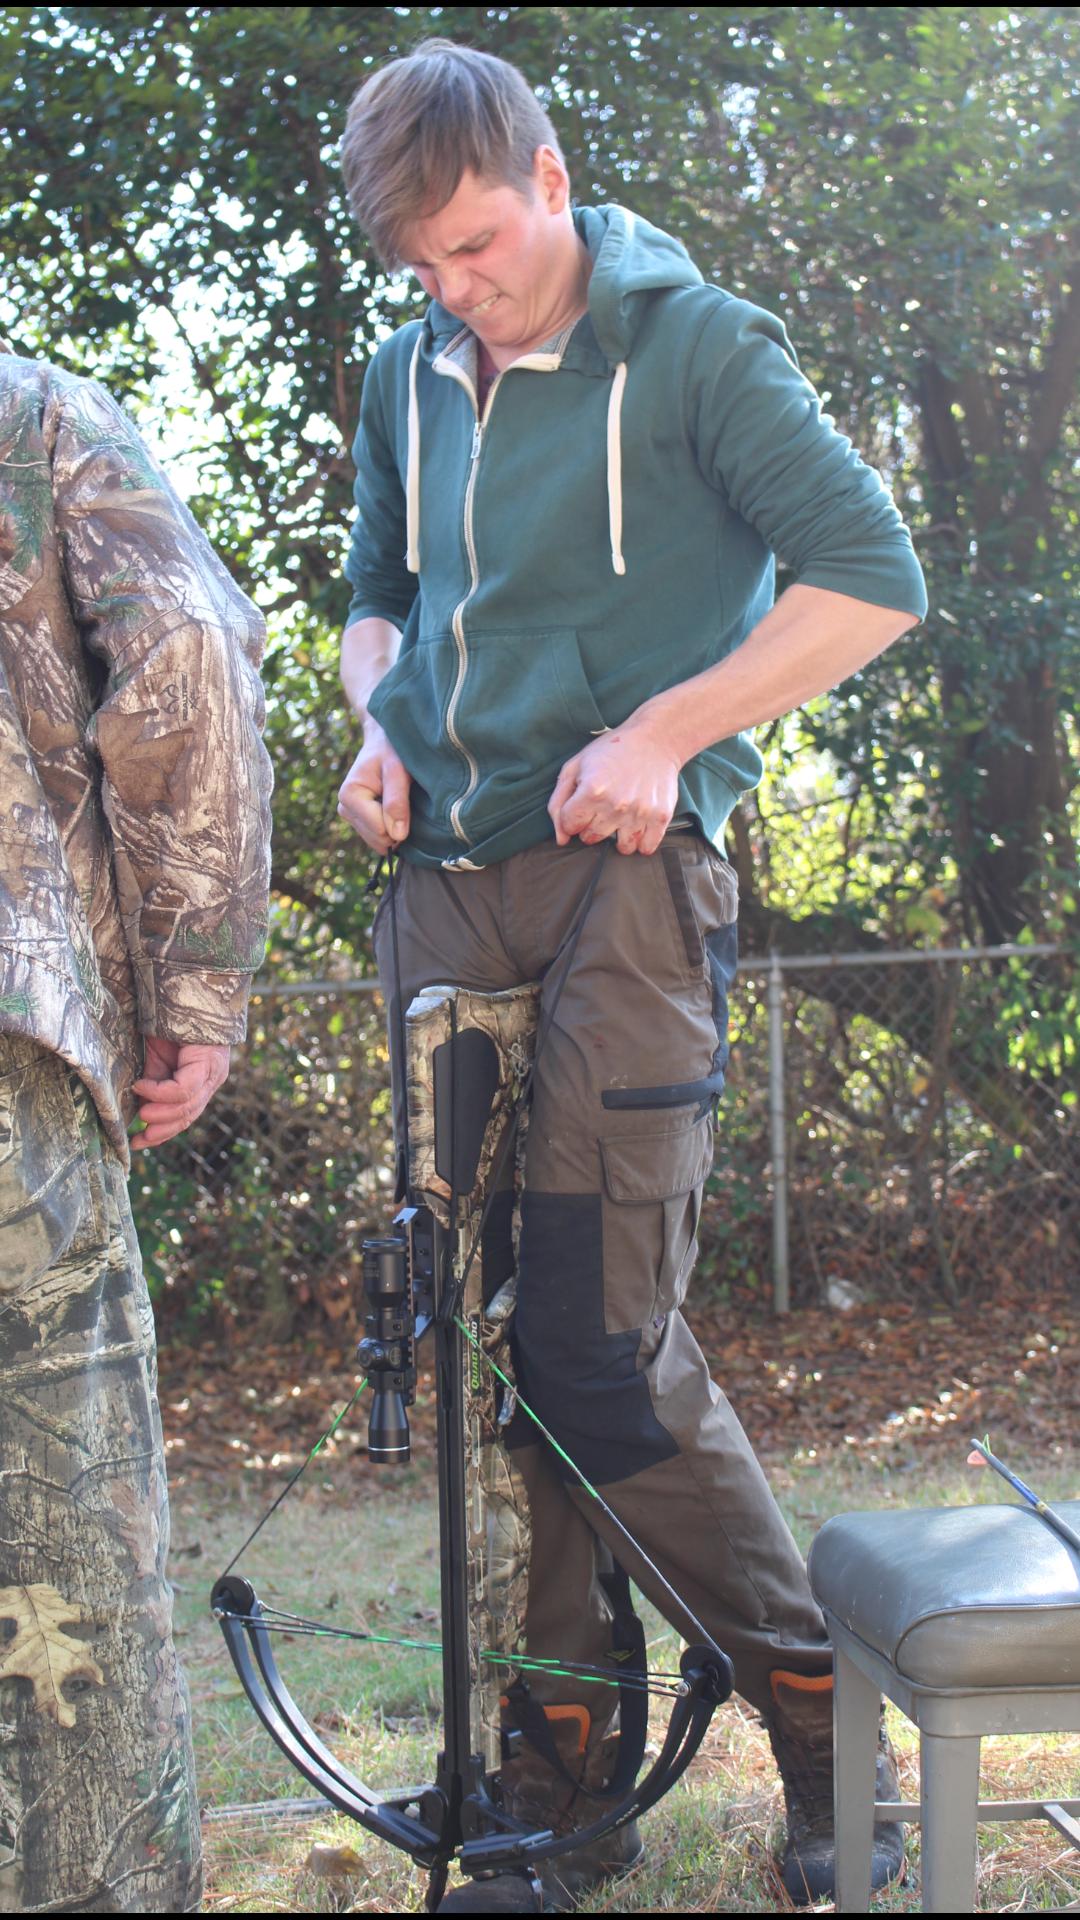 zum-zeitvertreib-stand-am-nachmittag-des-thanksgiving-tages-noch-armbrustschiessen-auf-dem-programm-jagd-jagen-jaeger-jaegermagazin-wilddiebe-lockjagd-mit-jeff-johnson